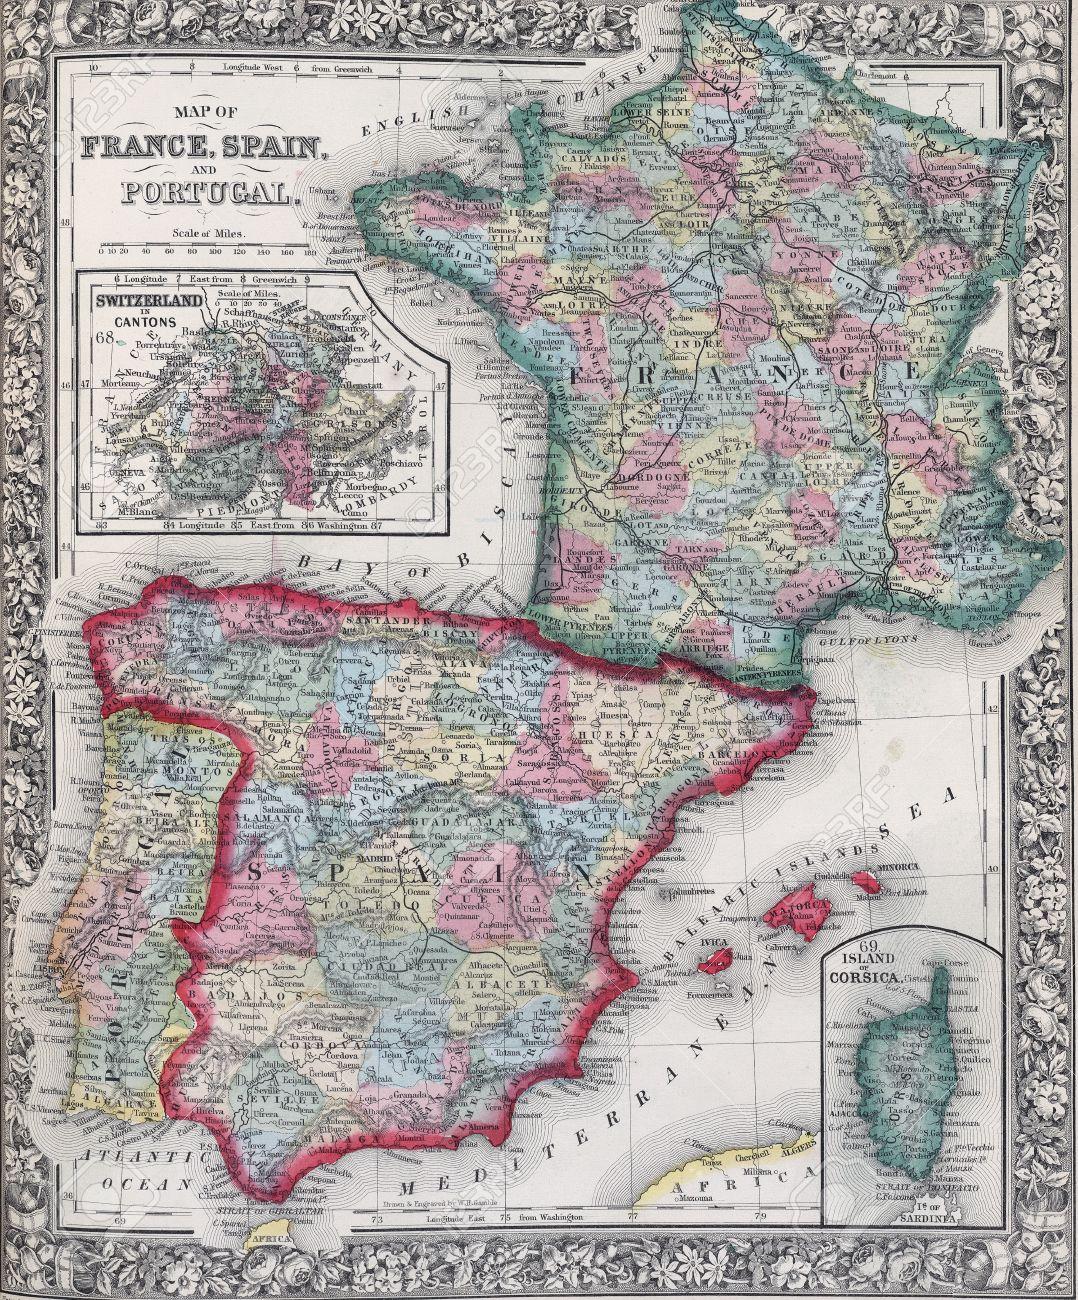 Carte Portugal Espagne France.Carte Antique De L Espagne La France Et Le Portugal De L Atlas Du 19eme Siecle De Modification De La Carte Distribue Sous Licence Creative Commons De